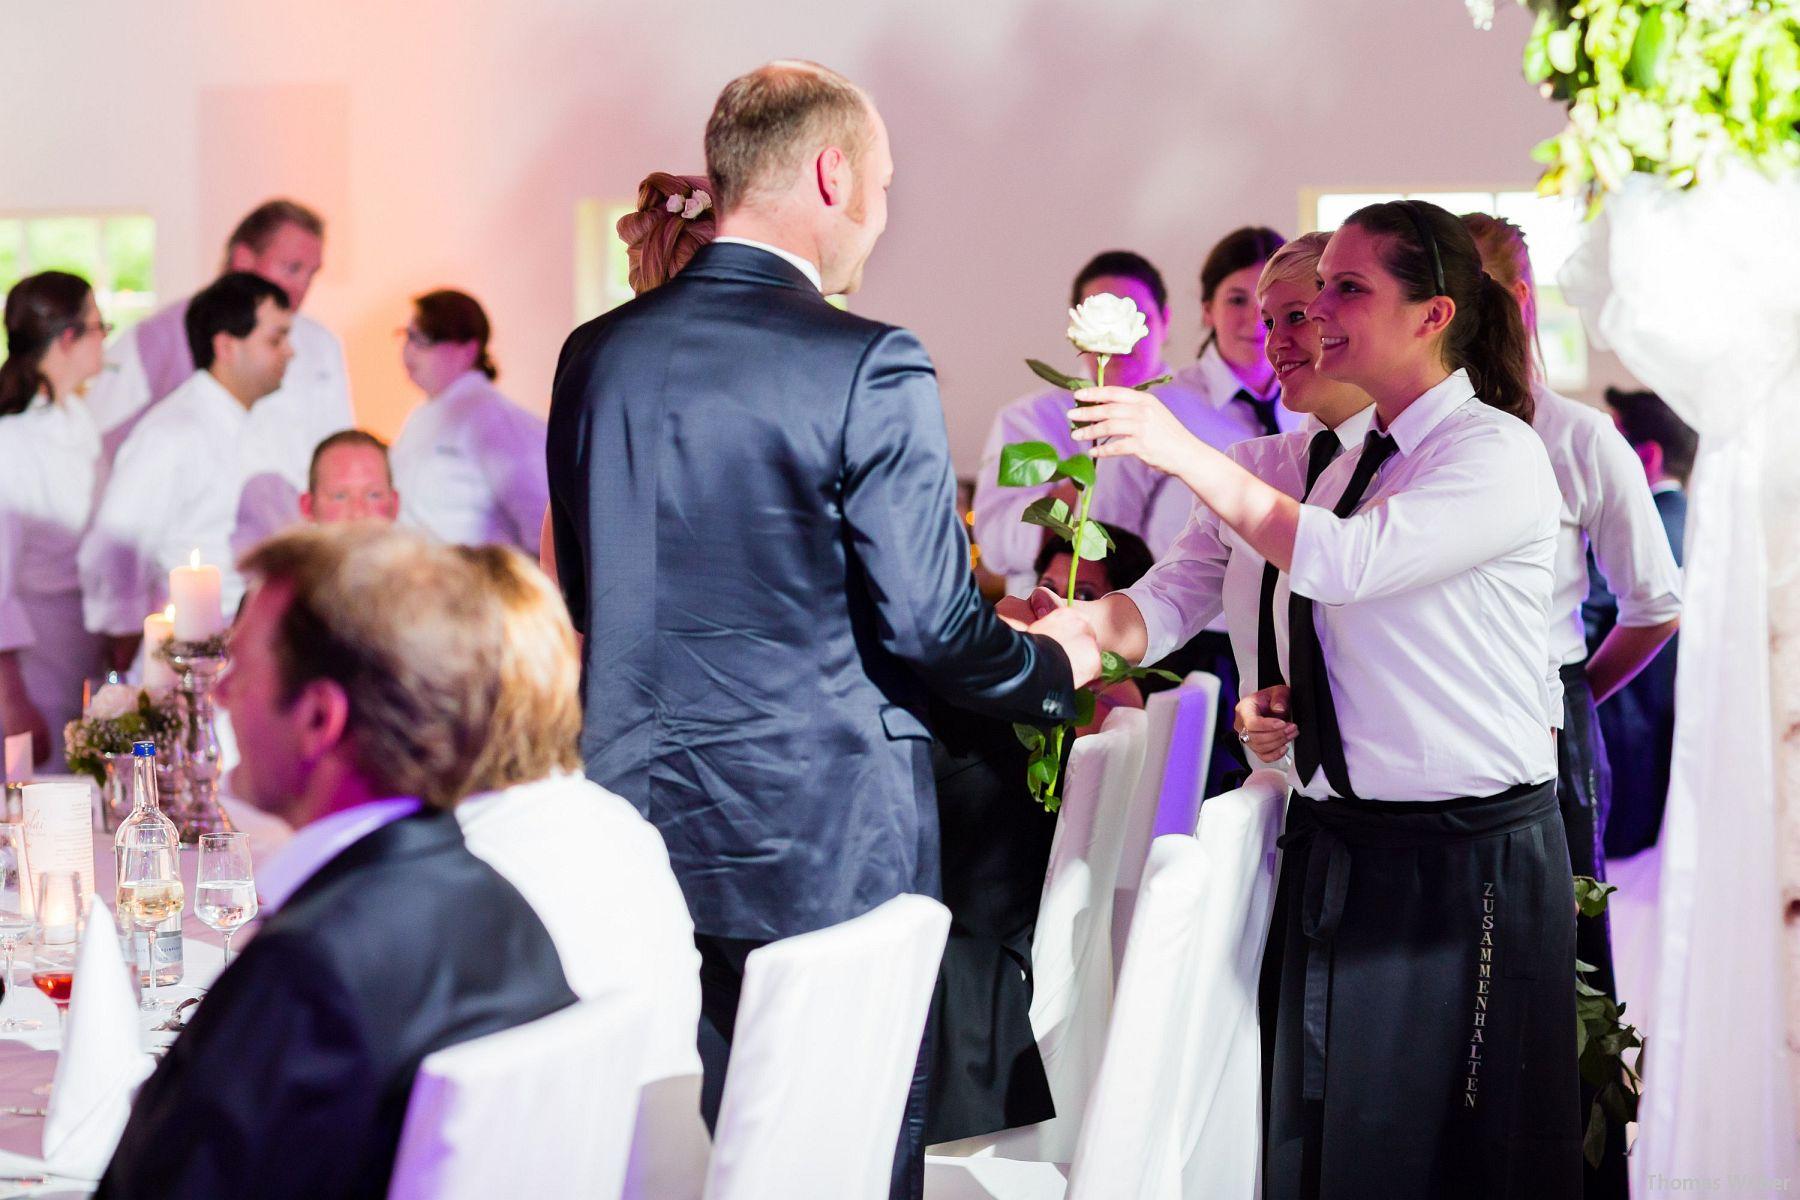 Hochzeitsfotograf Oldenburg: Hochzeit in der Eventscheune St. Georg in Rastede (69)